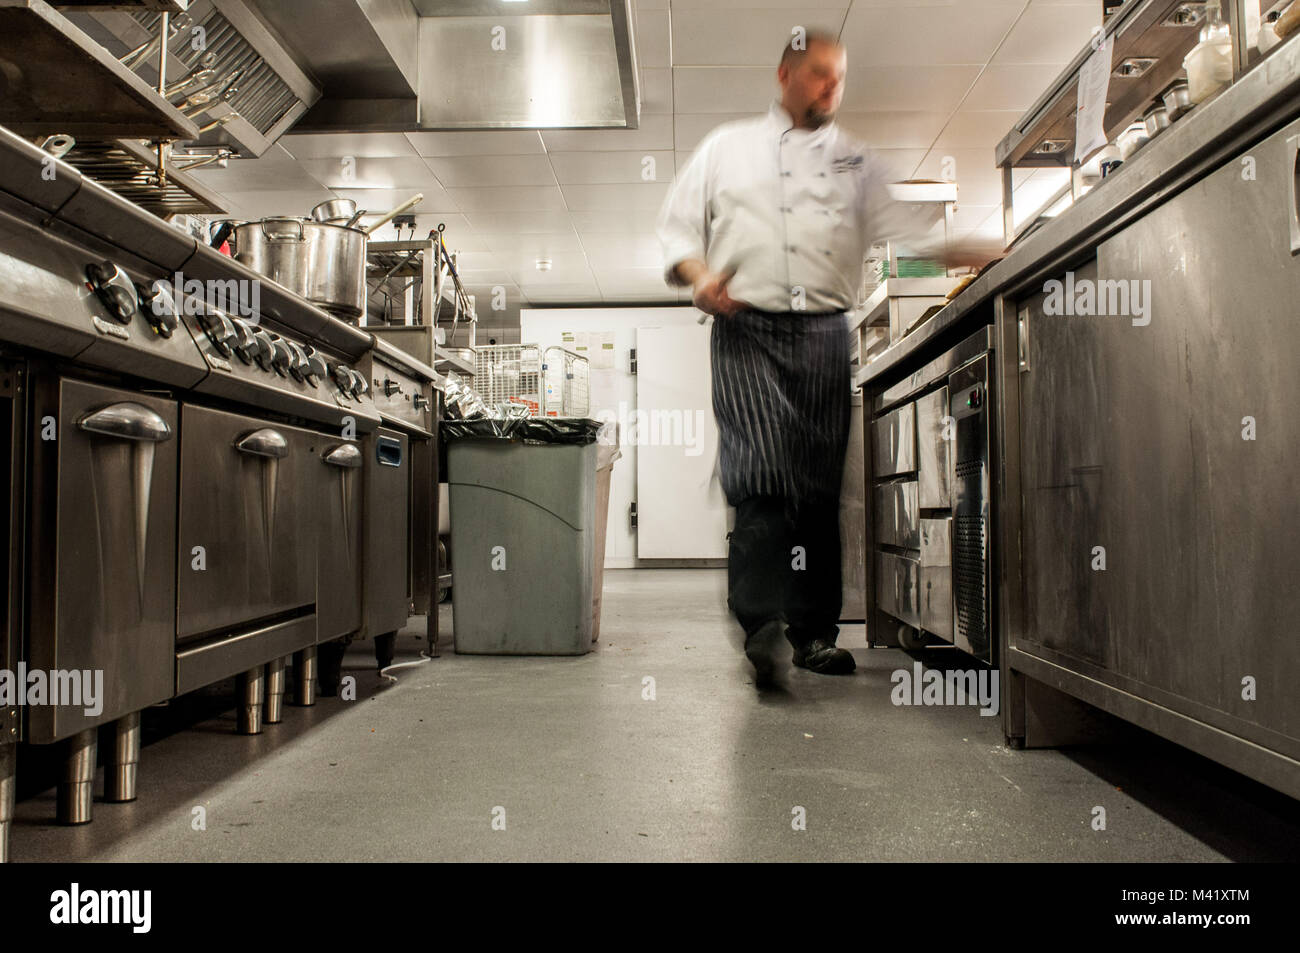 Ein Foto mit Bewegungsunschärfe eines Kochs schnell in einem Restaurant Küche Stockfoto